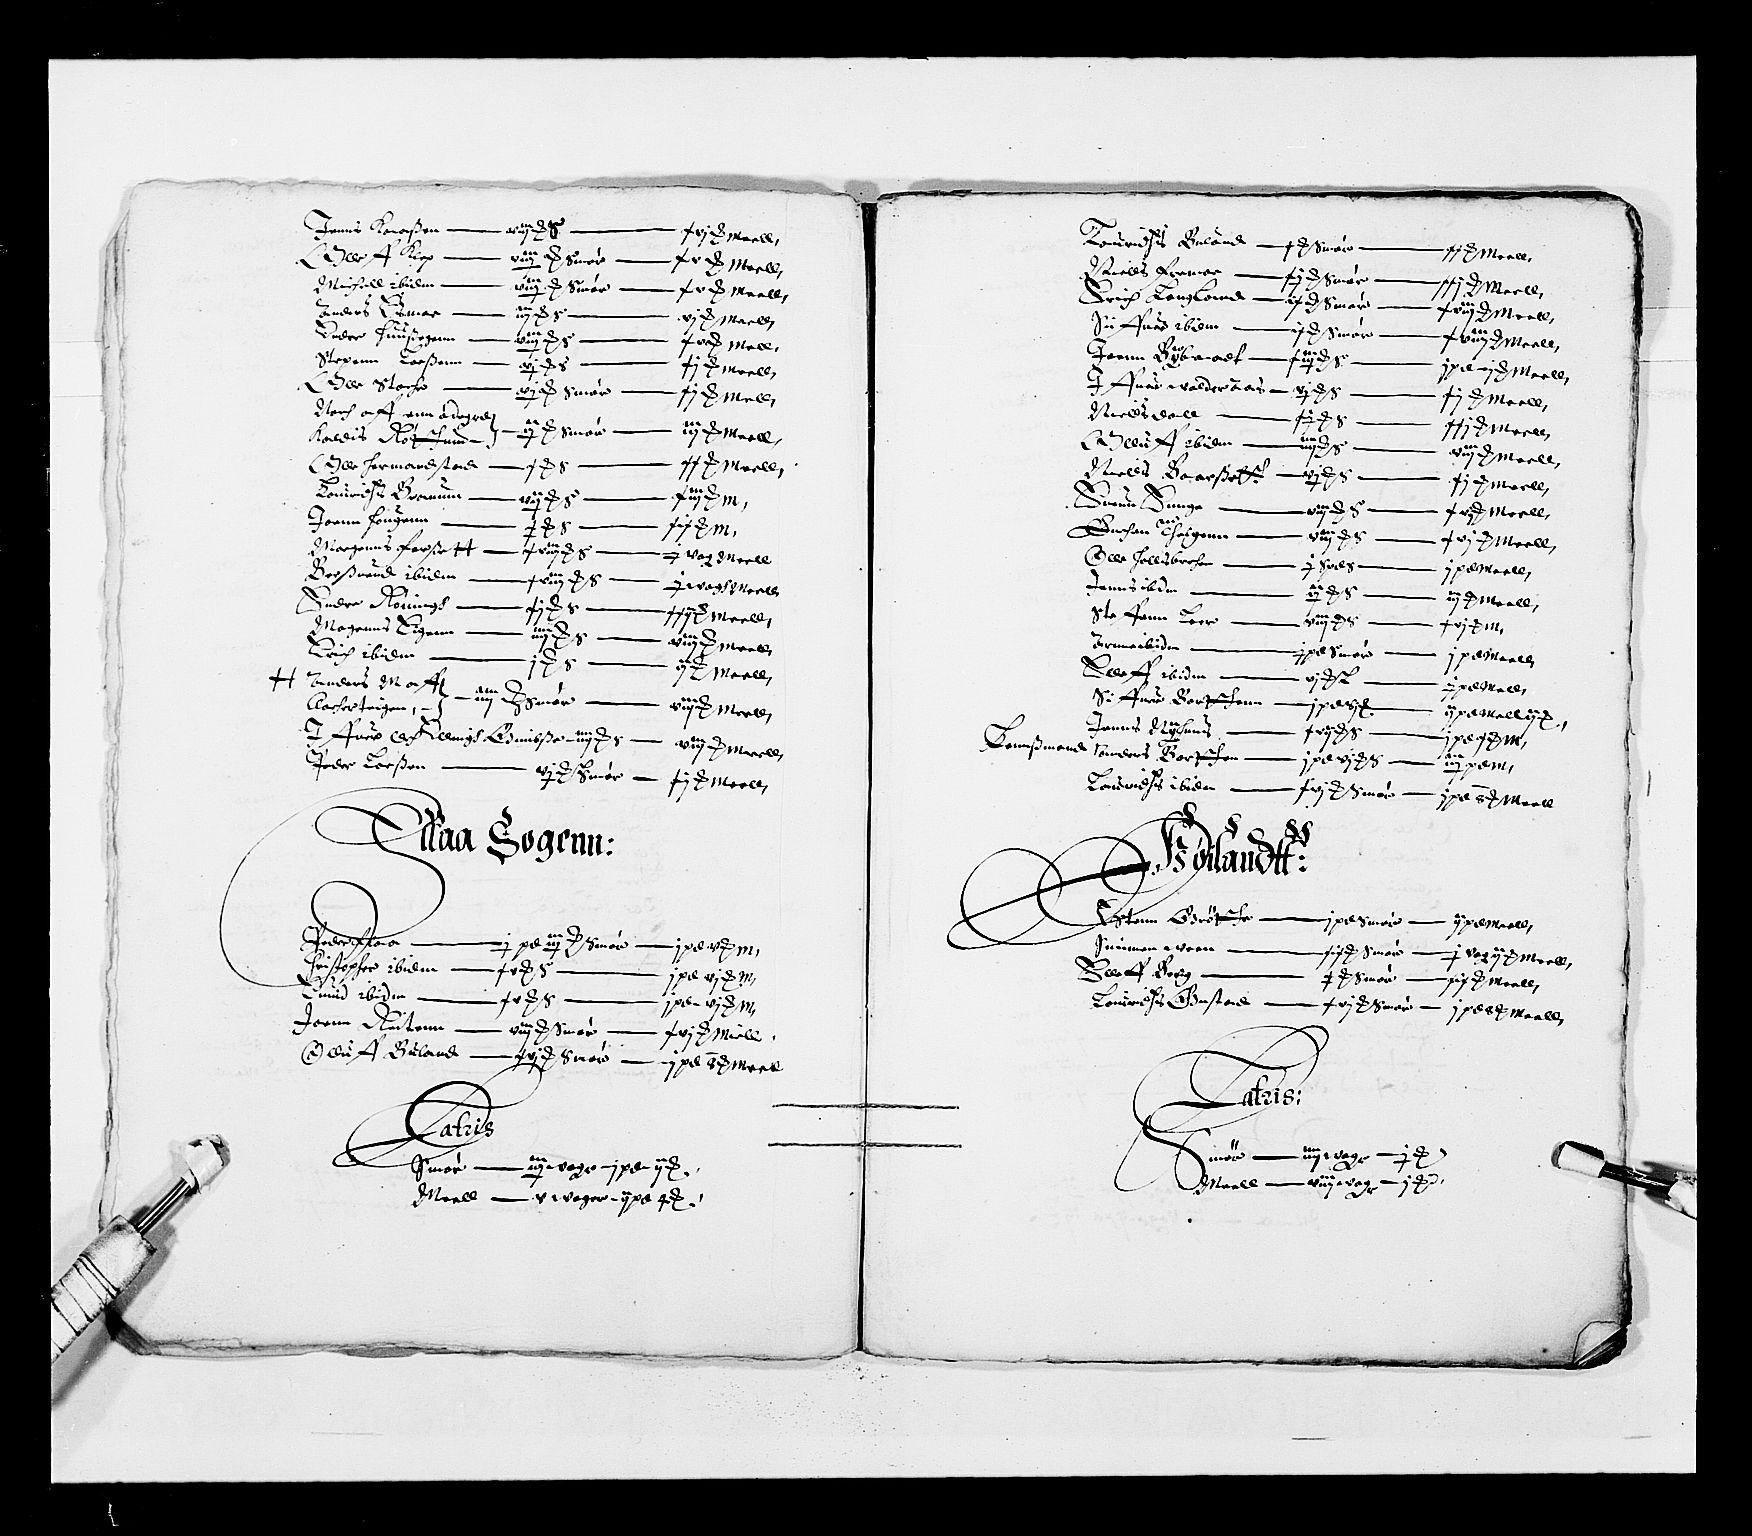 RA, Stattholderembetet 1572-1771, Ek/L0028: Jordebøker 1633-1658:, 1645-1646, s. 210